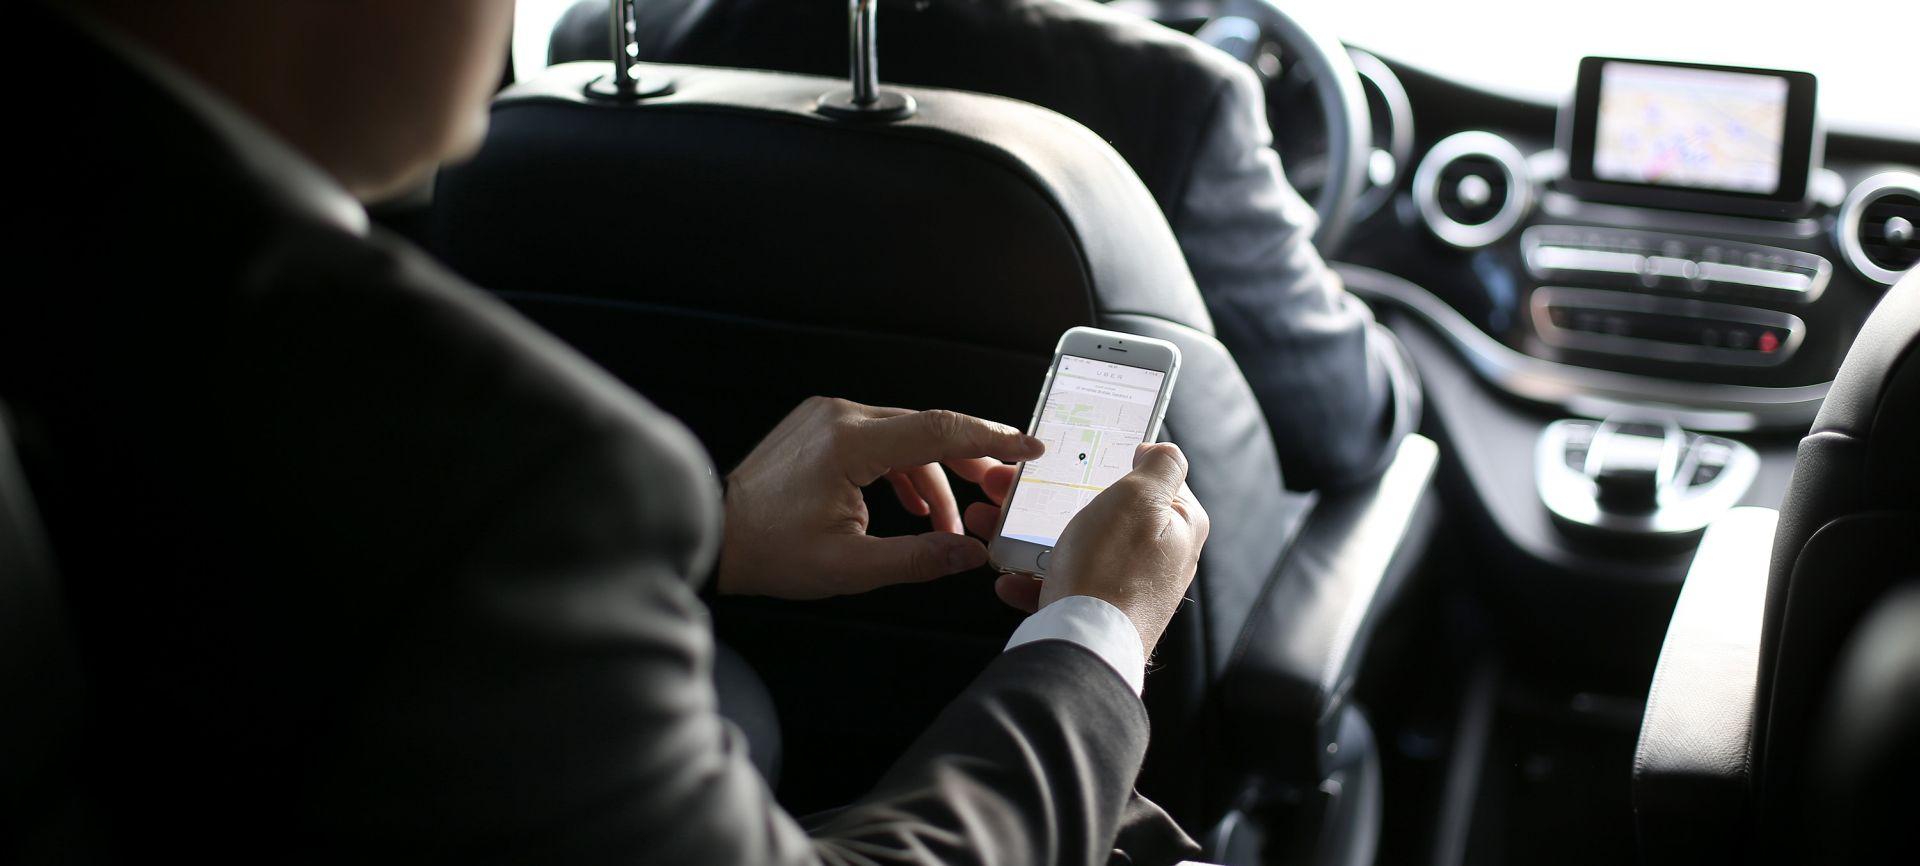 KRENULE INSPEKCIJE Iz prometa isključeno desetak vozila Ubera